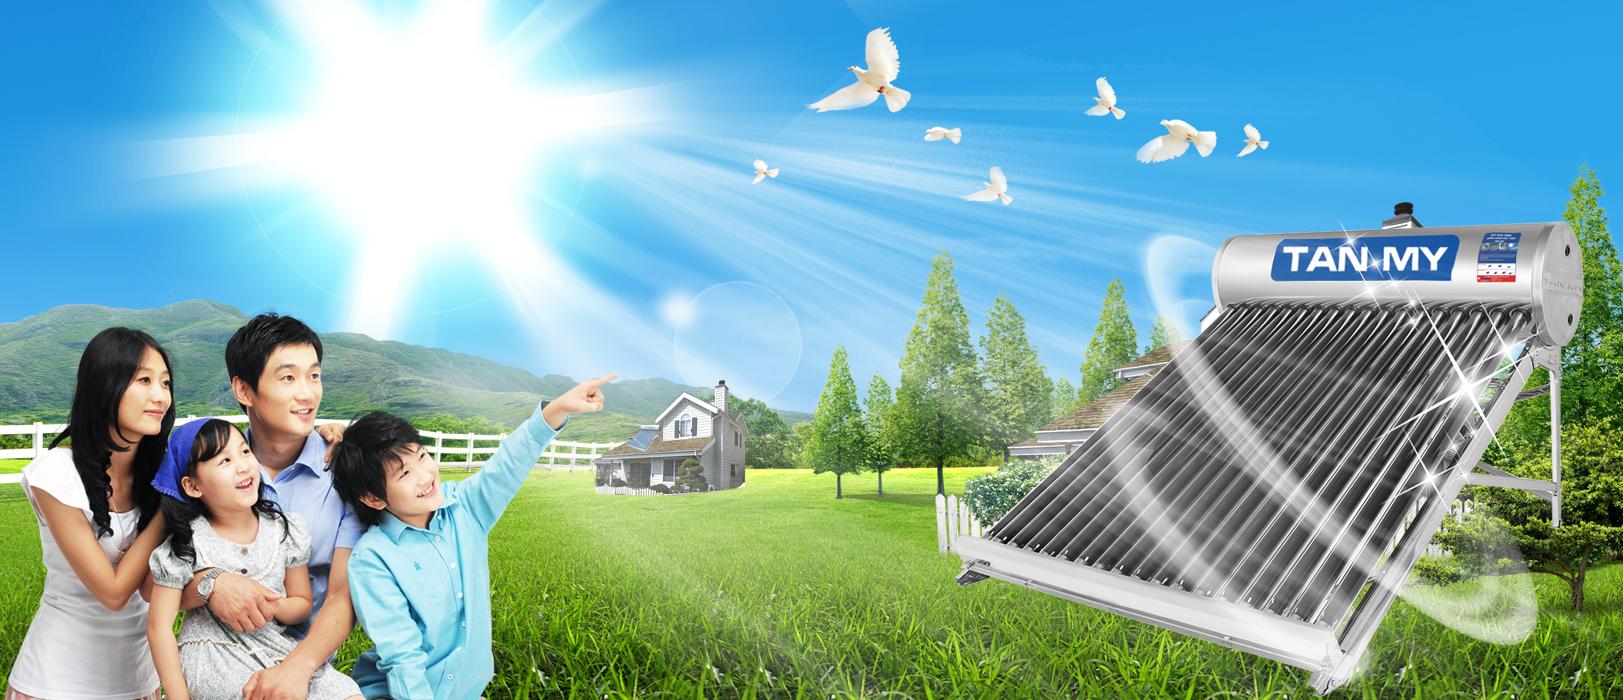 Máy nước nóng năng lượng mặt trời Tân Mỹ